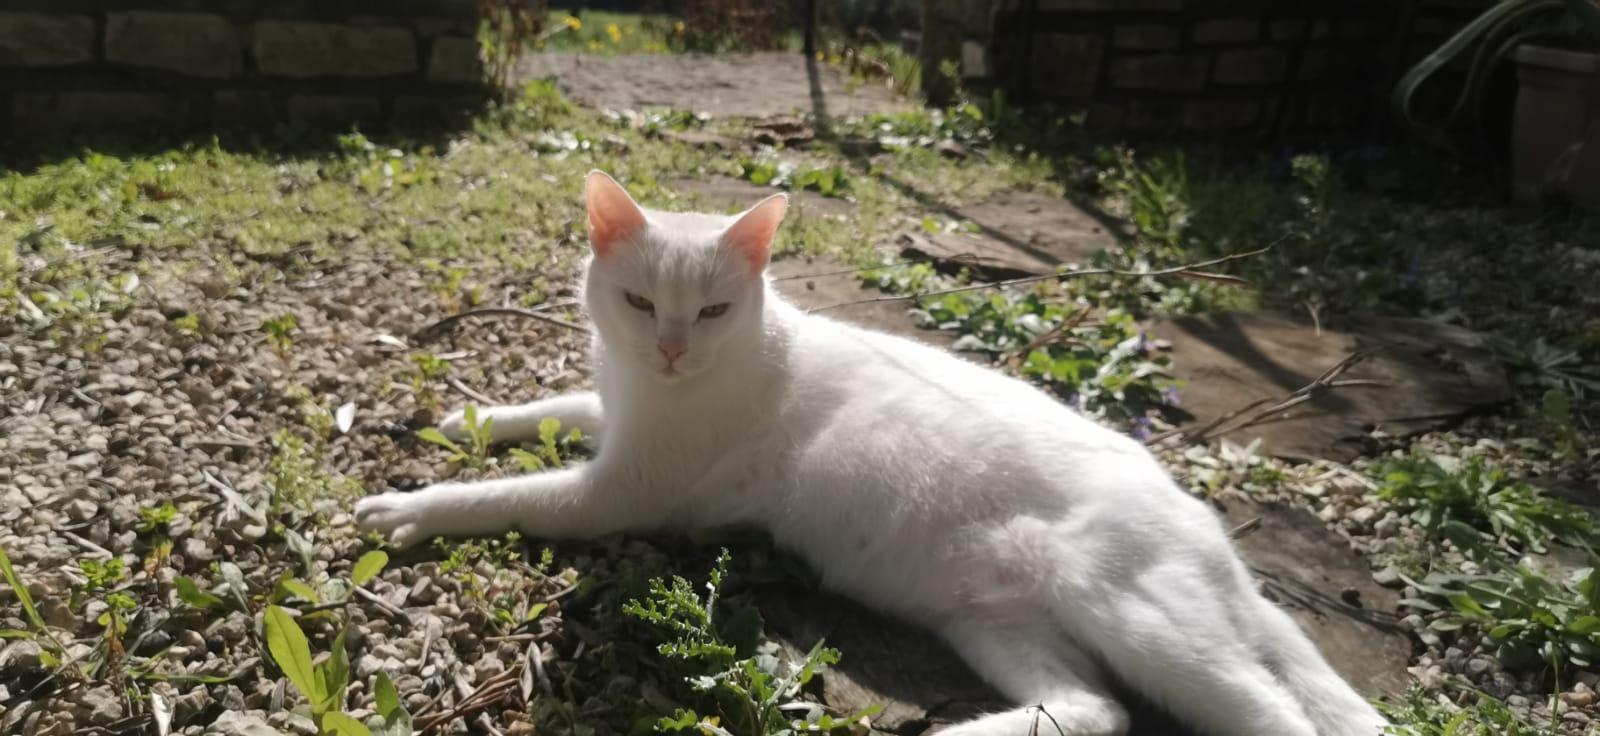 Recherche famille d accueil chat chaton